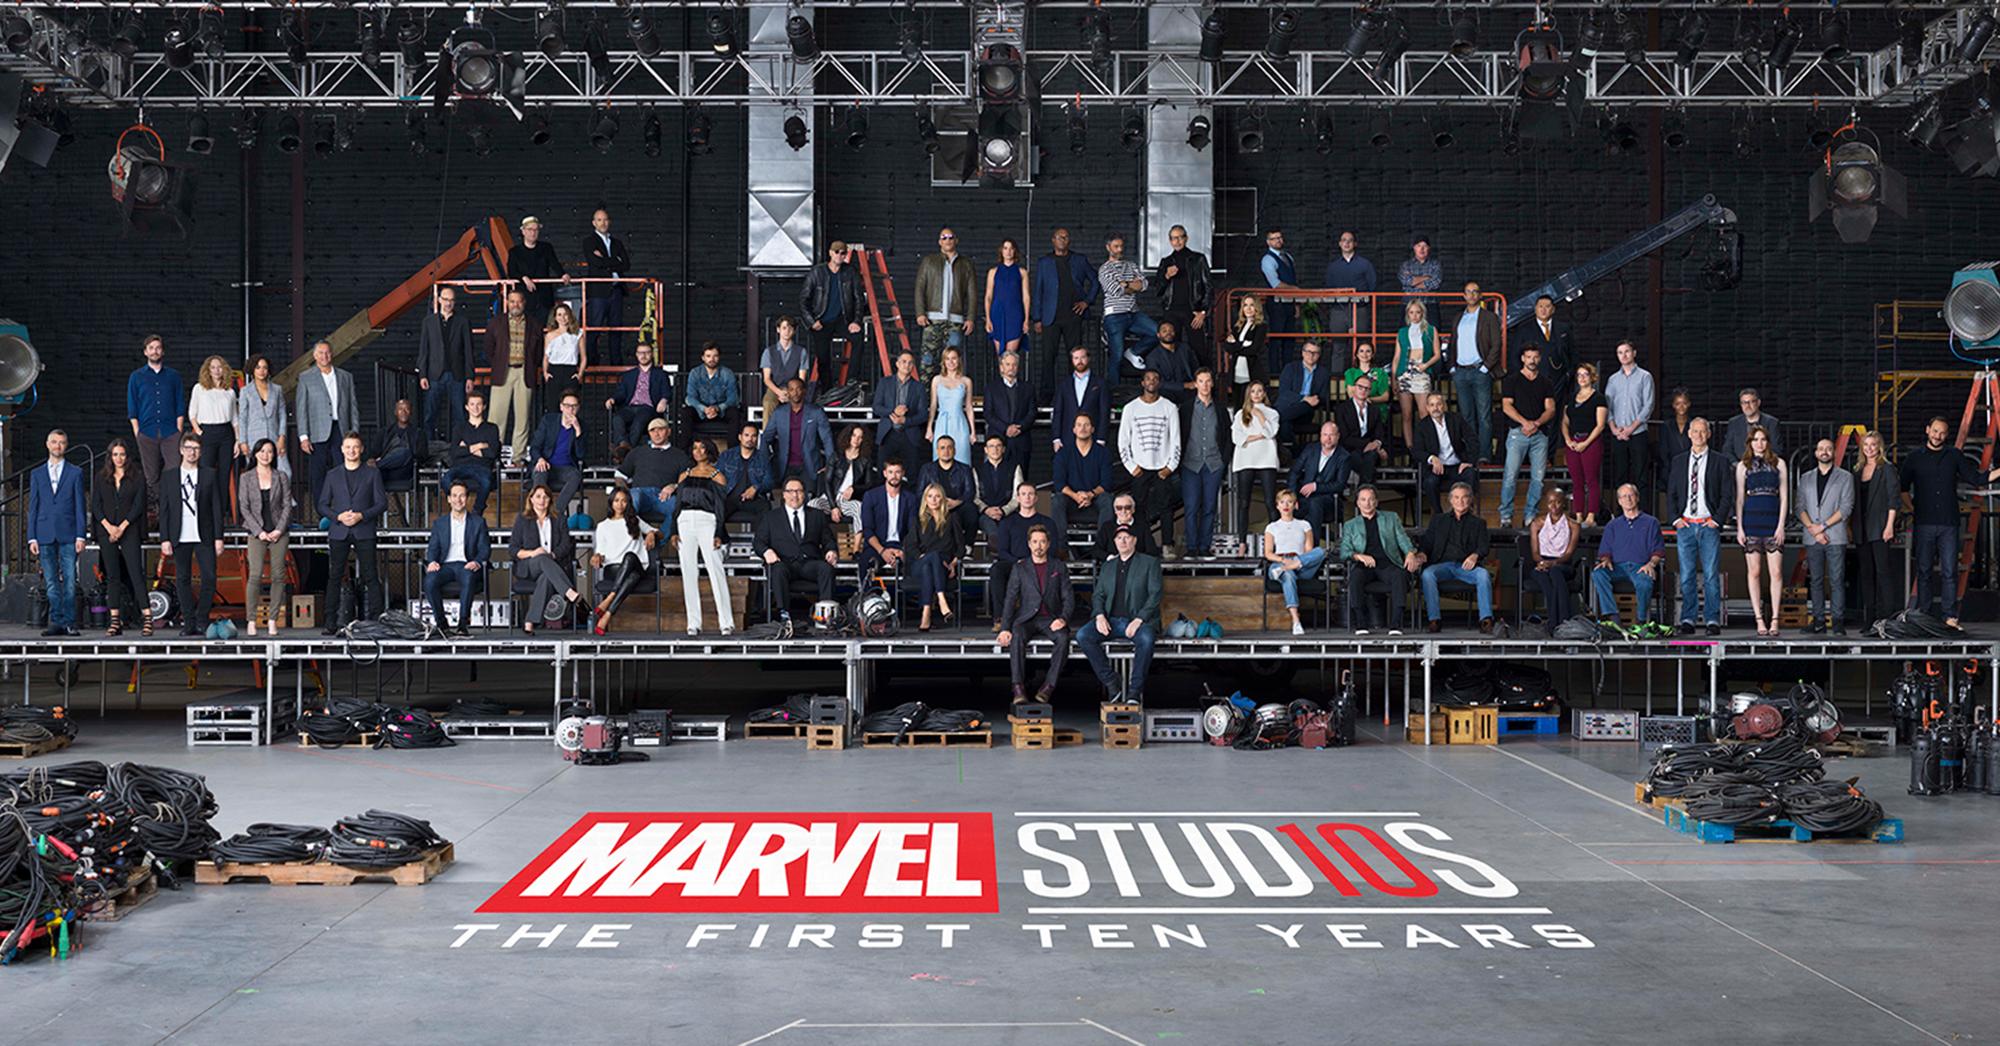 10 năm đi vào lịch sử làng điện ảnh của Marvel: Kỳ tích từ vực sâu phá sản cho đến người khổng lồ của đế chế phim siêu anh hùng - Ảnh 17.